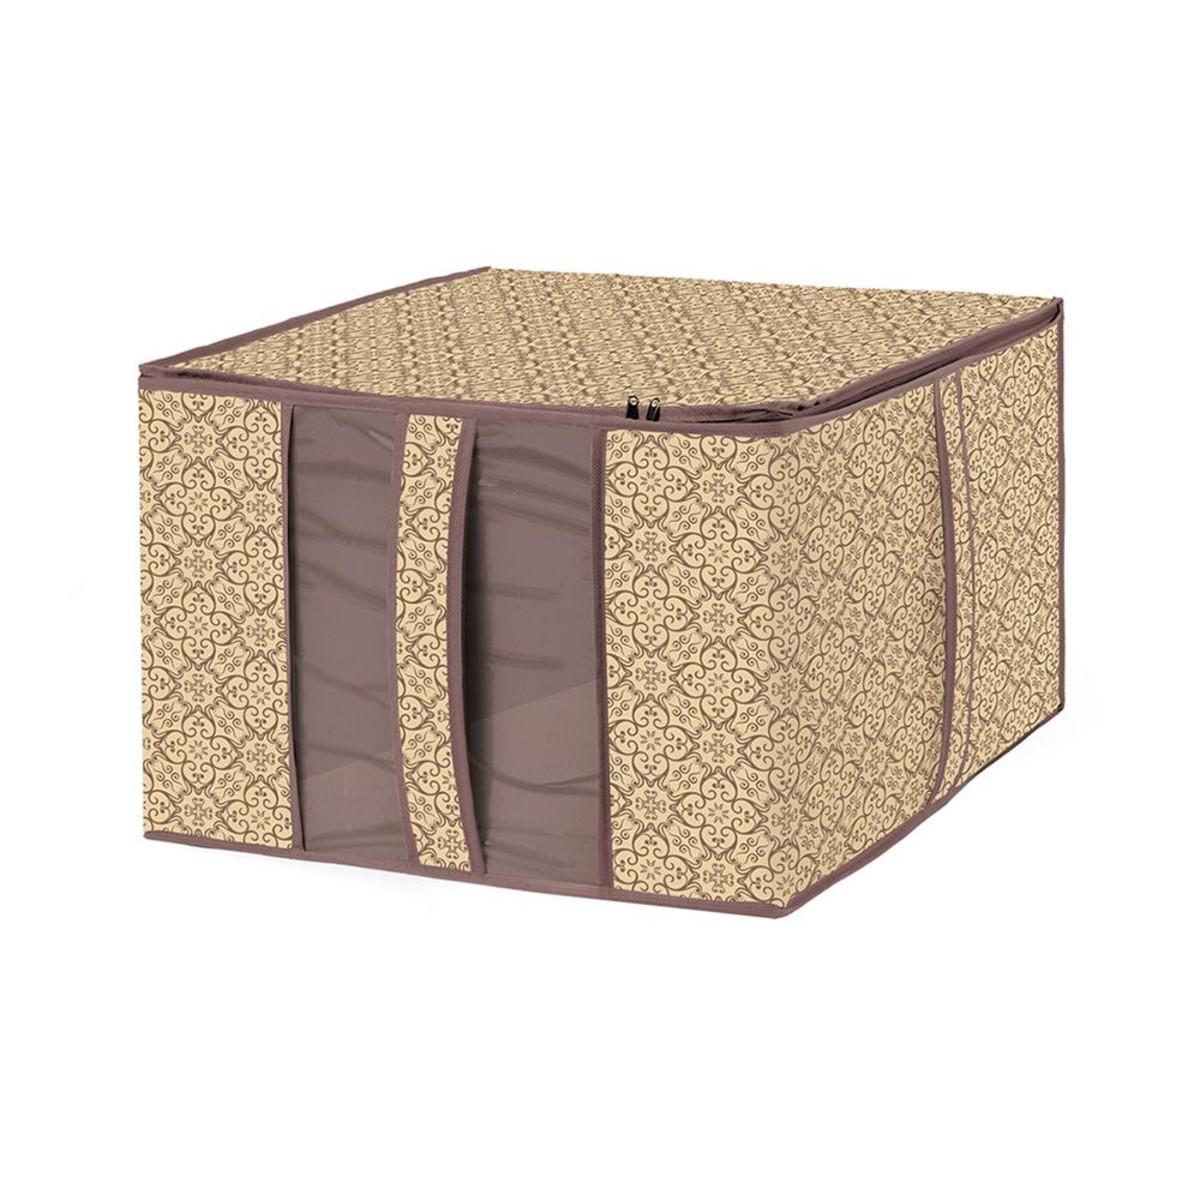 Чехол для хранения постельных принадлежностей Гелеос Миндаль МНД 28 60х50х35 см